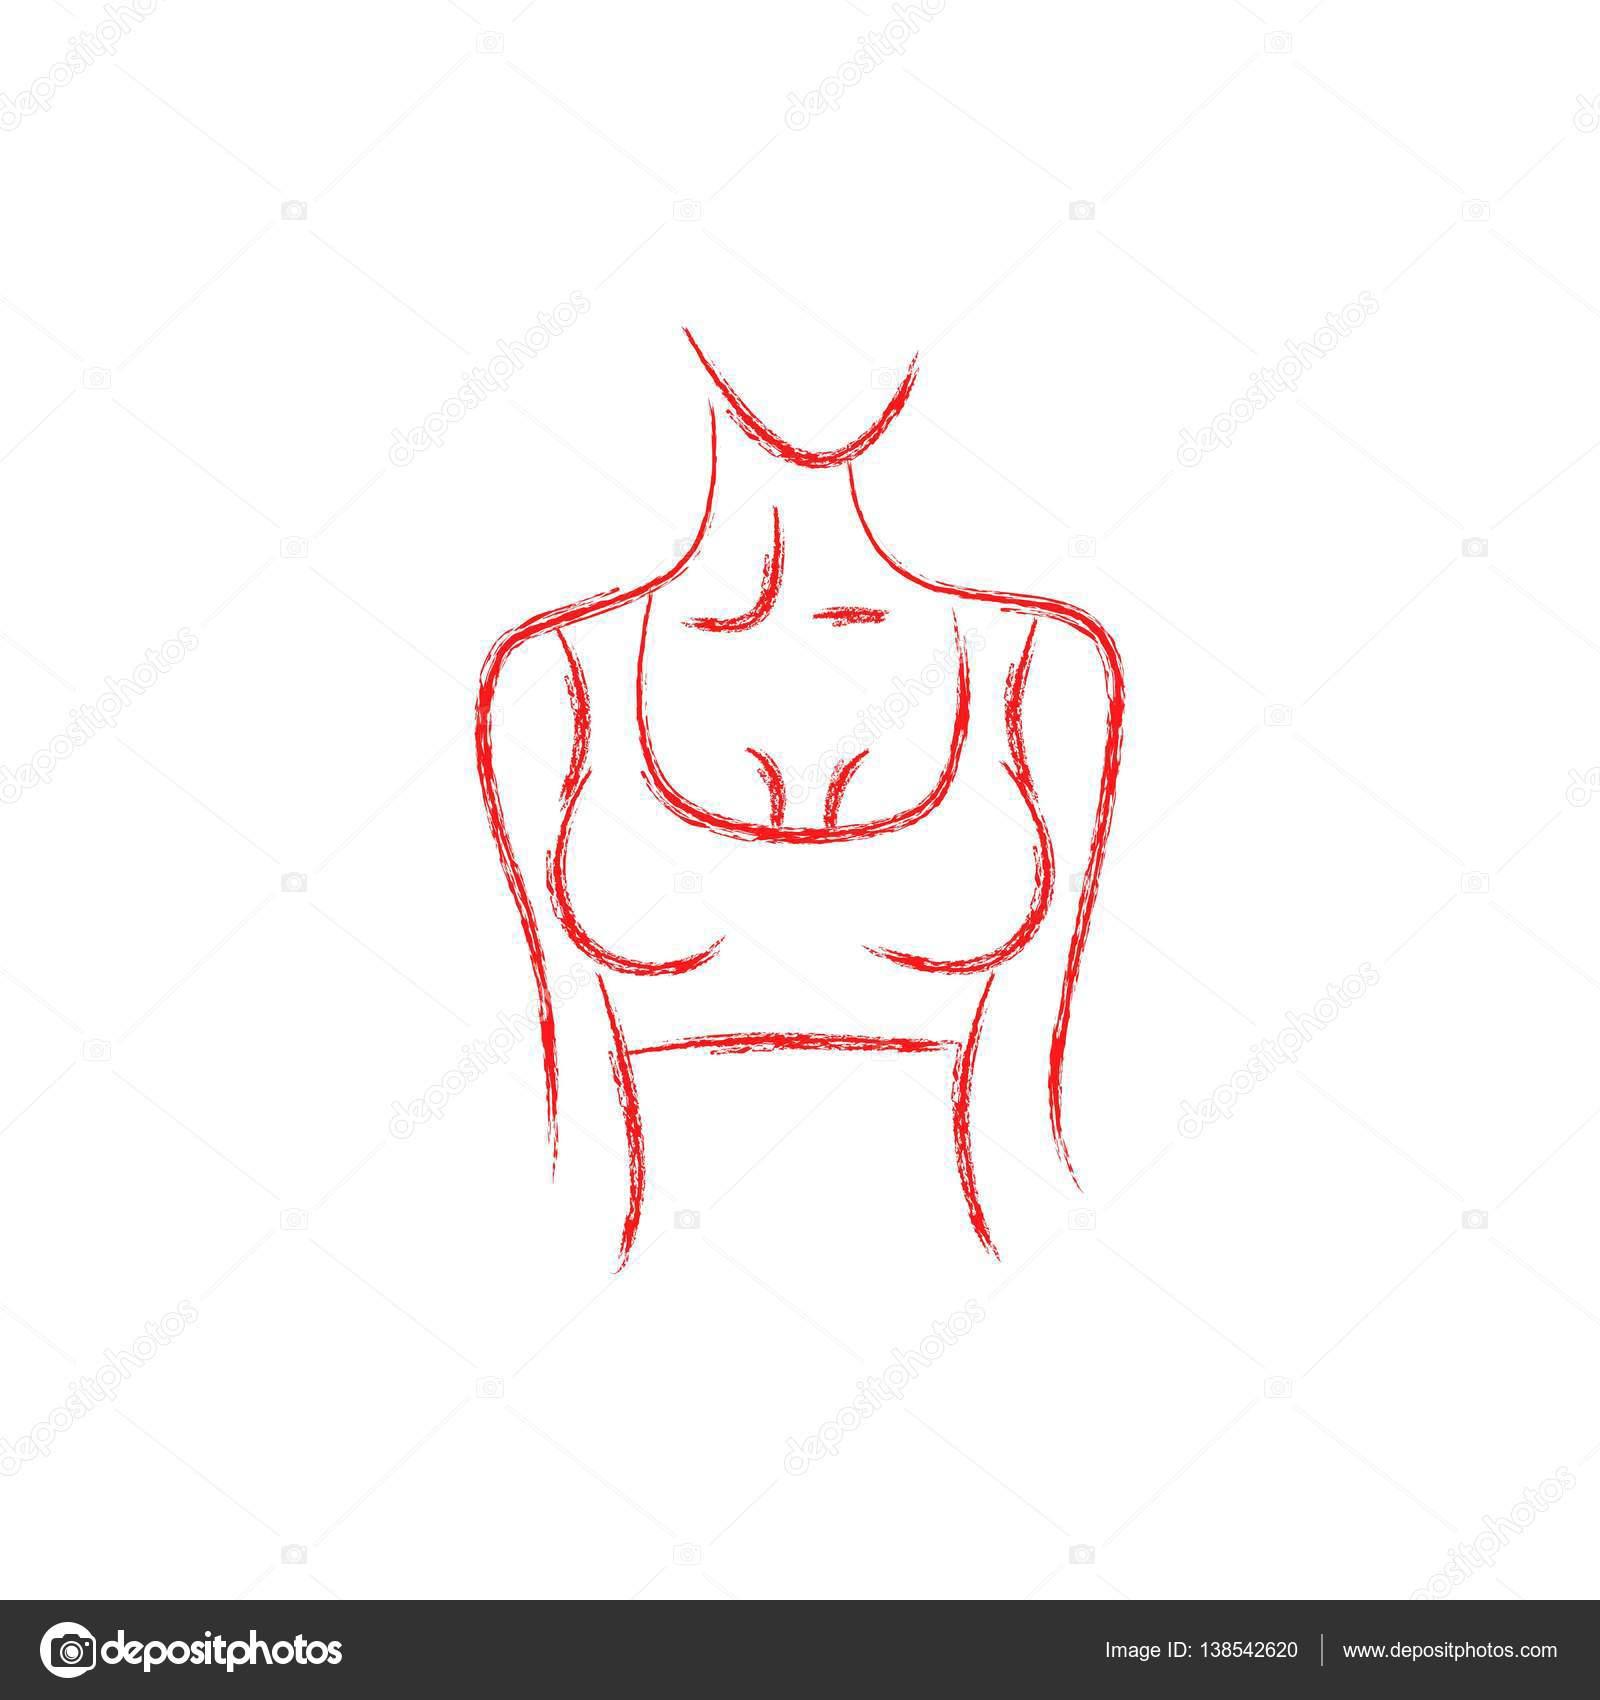 Vektor Bild Aus Einem Womans Körper Schöne Form Biegen Sie Rechts